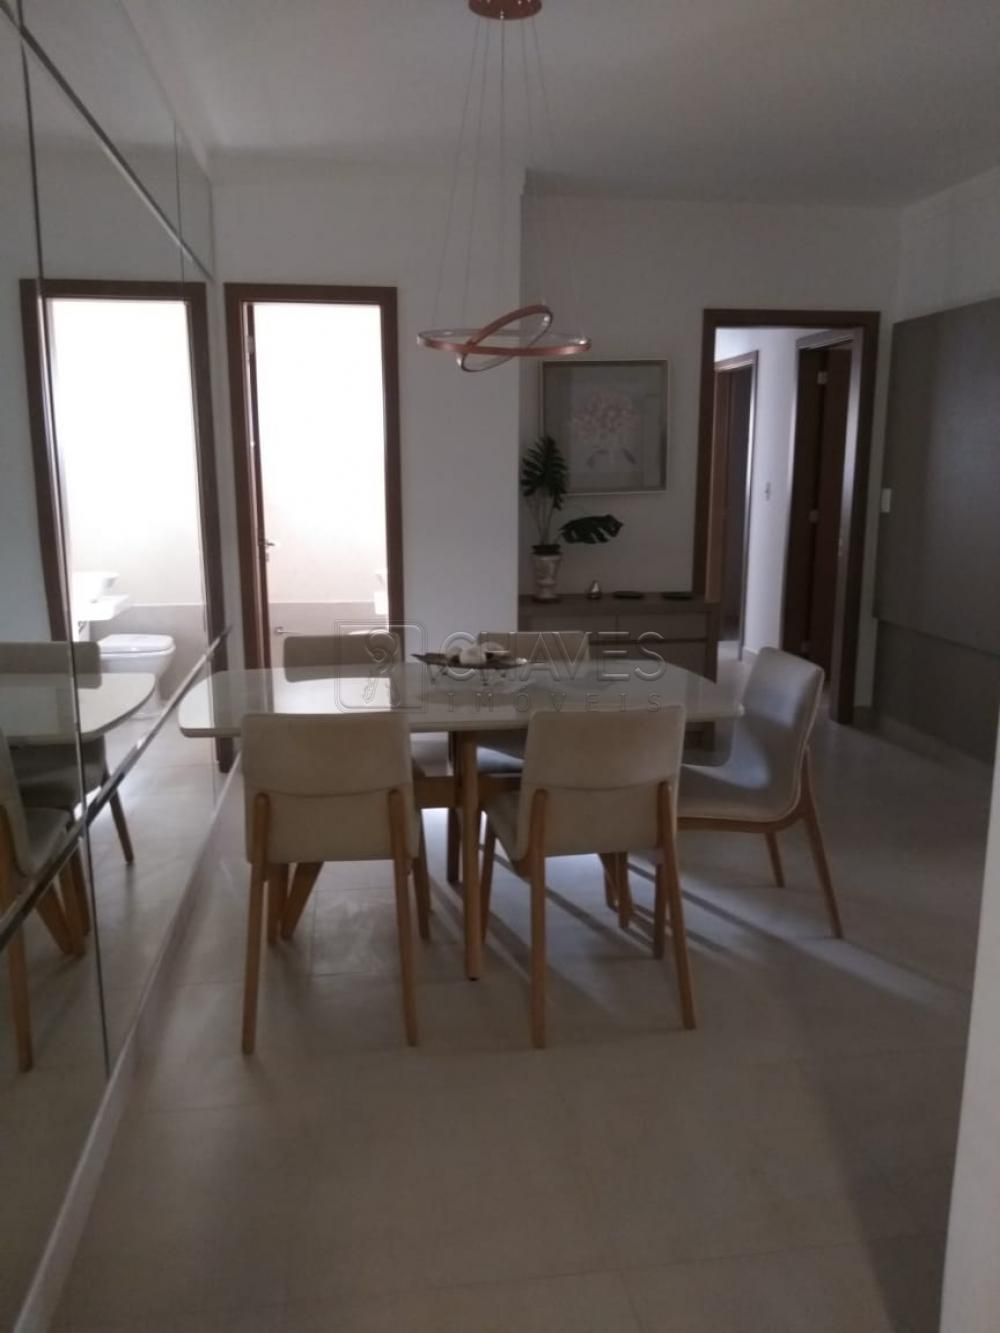 Comprar Apartamento / Padrão em Ribeirão Preto apenas R$ 586.450,00 - Foto 9